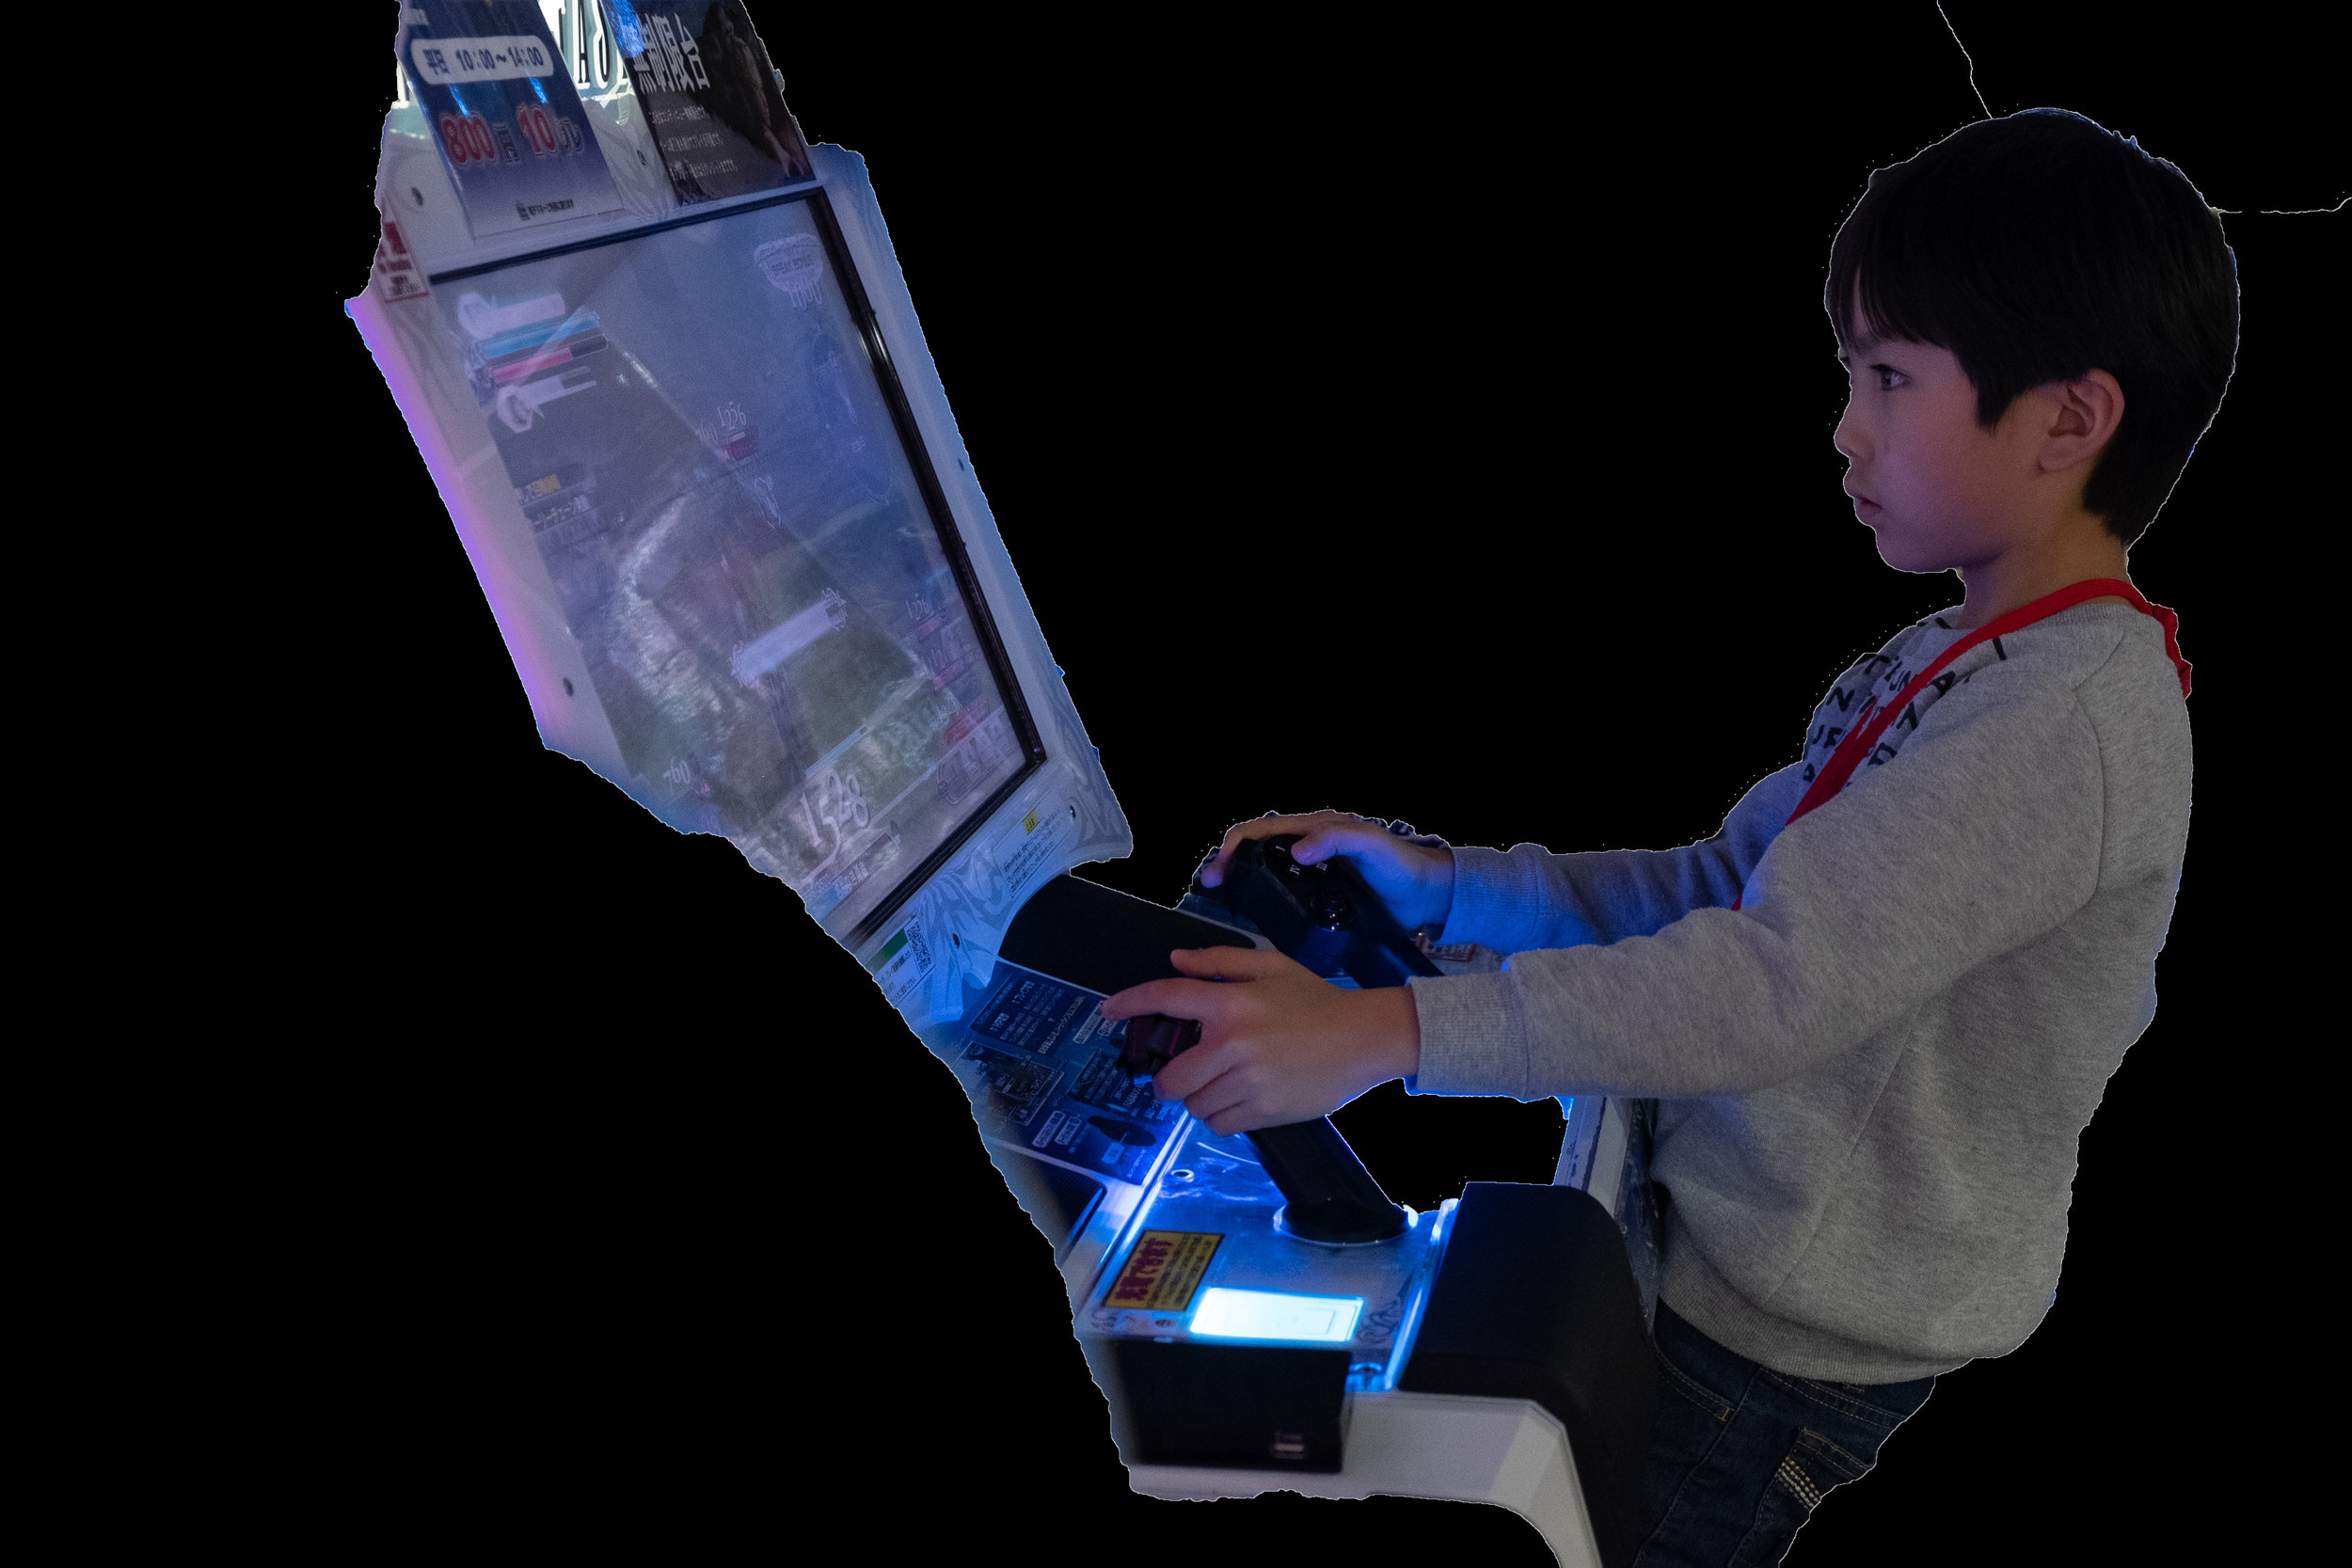 Japan_010419_189-Edit.jpg